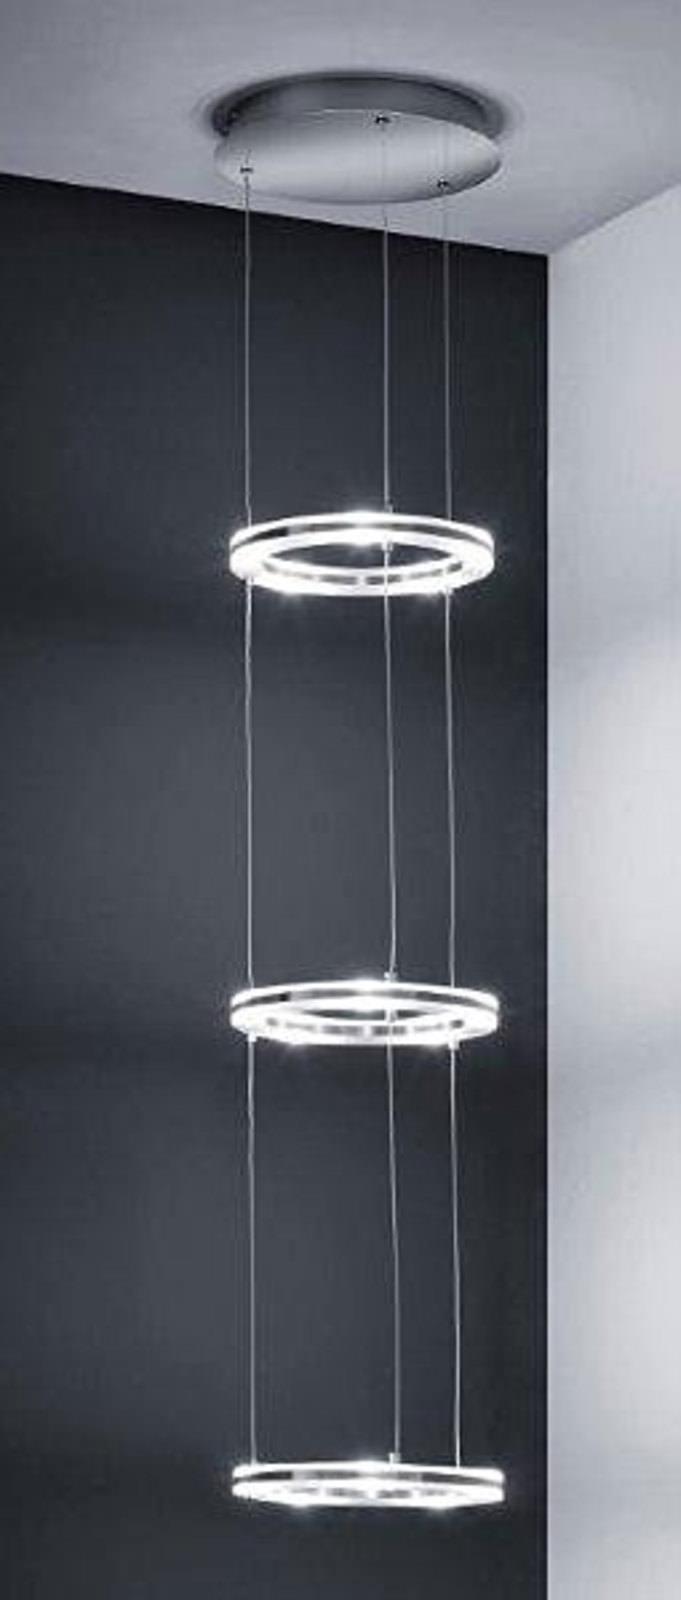 b leuchten led pendelleuchte mica online entdecken schaffrath ihr m belhaus. Black Bedroom Furniture Sets. Home Design Ideas